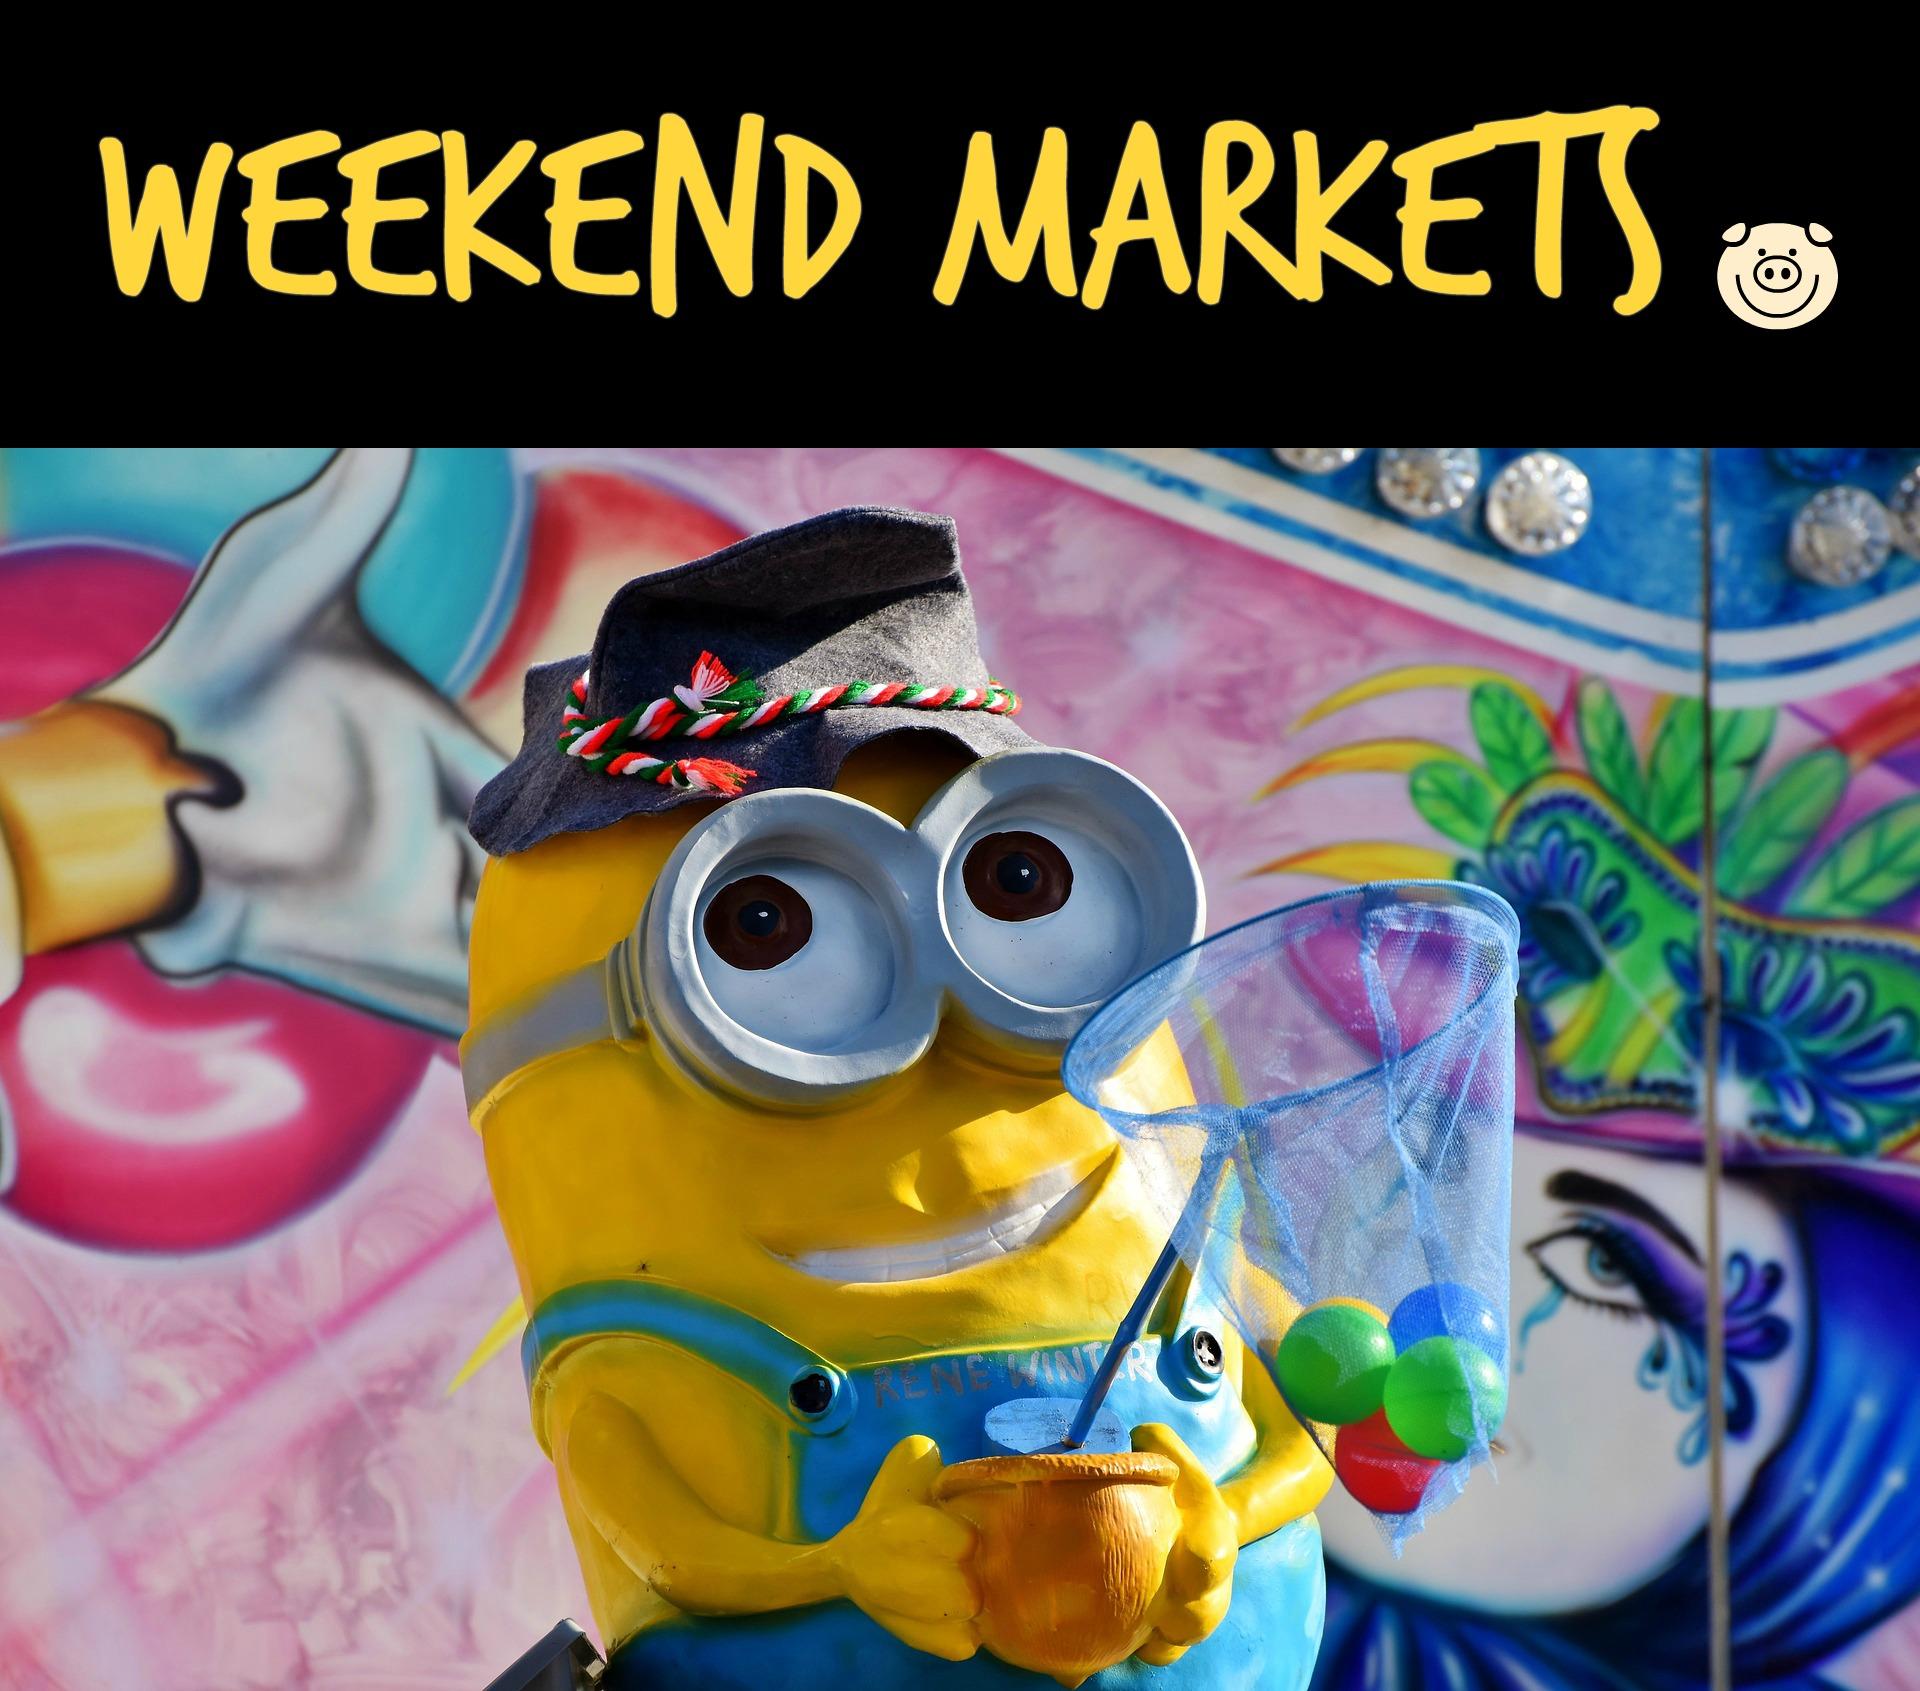 weekend markets in Melbourne